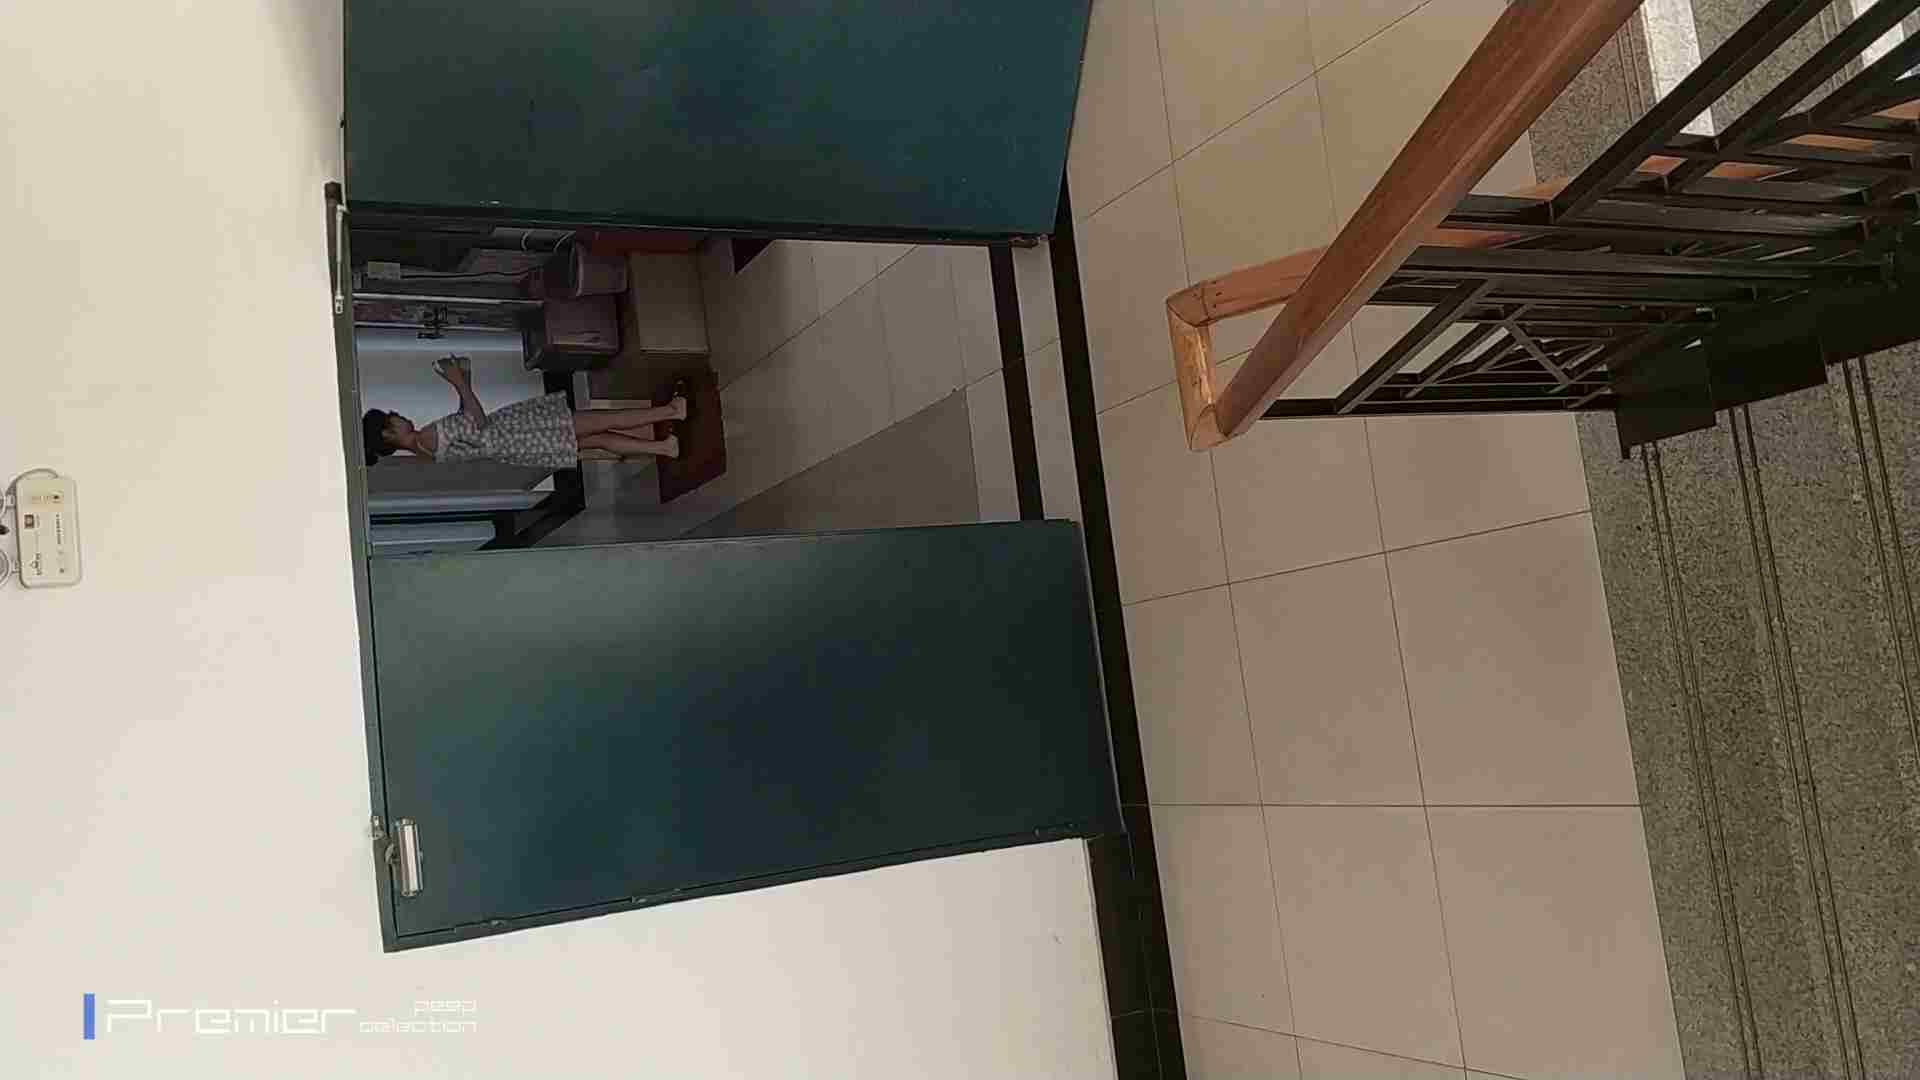 バッチリ美女の姿撮り!大学休憩時間の洗面所事情74 美肌   ギャル  30画像 9